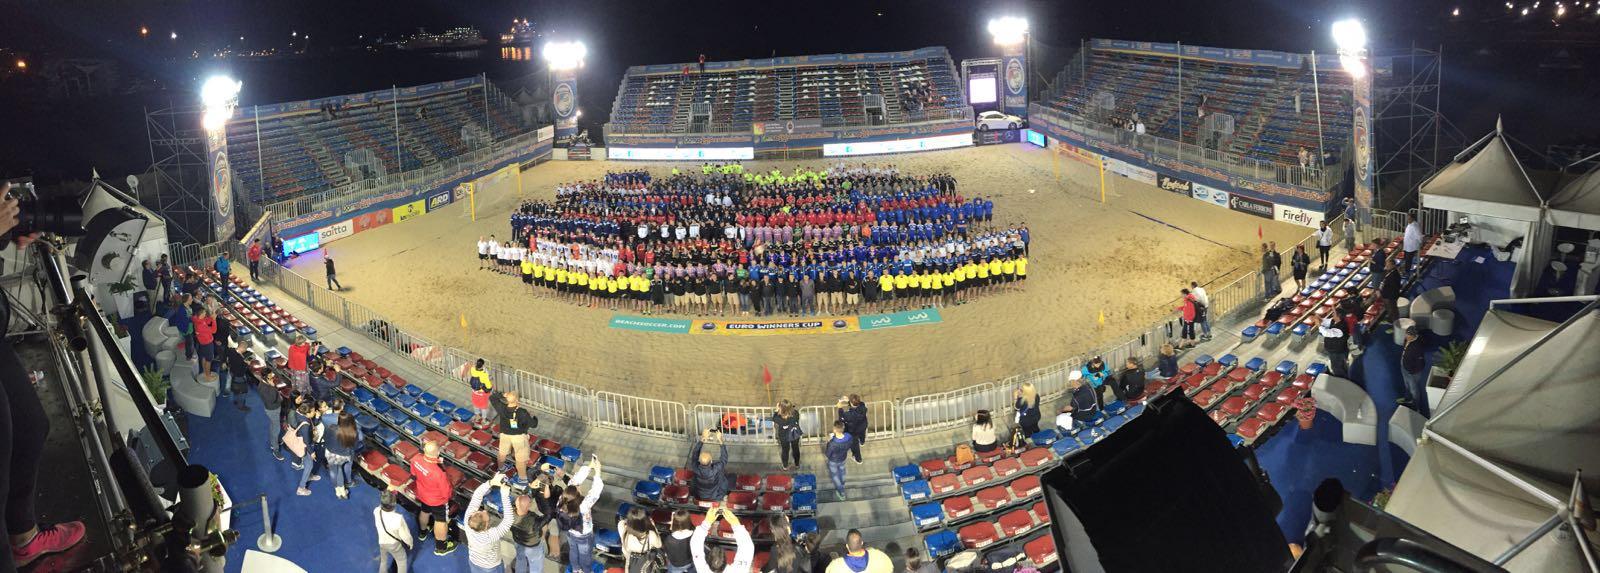 Illuminazione Beach Arena Catania MGservice